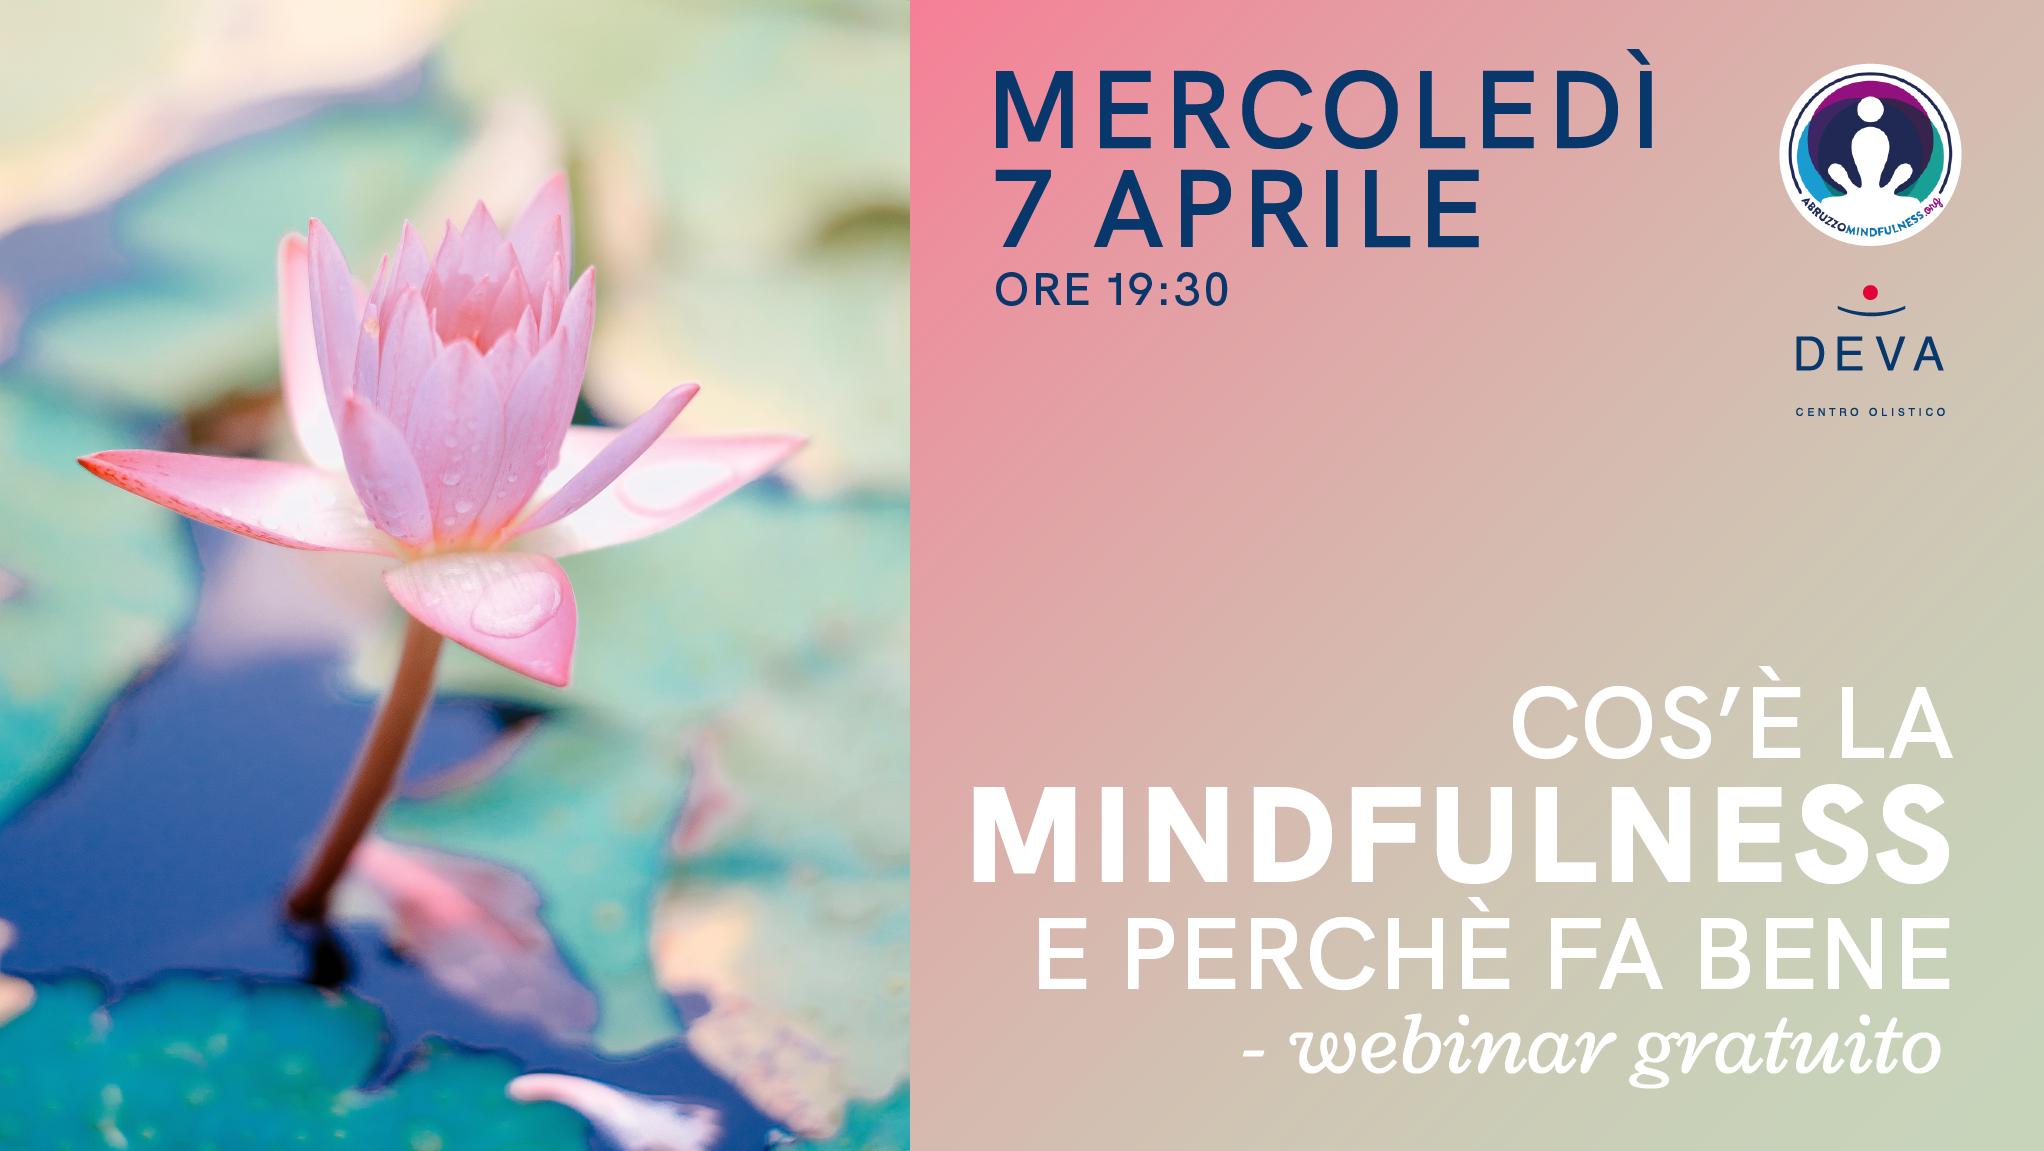 Webinar gratuito: cosa è la Mindfulness e perchè fa bene.